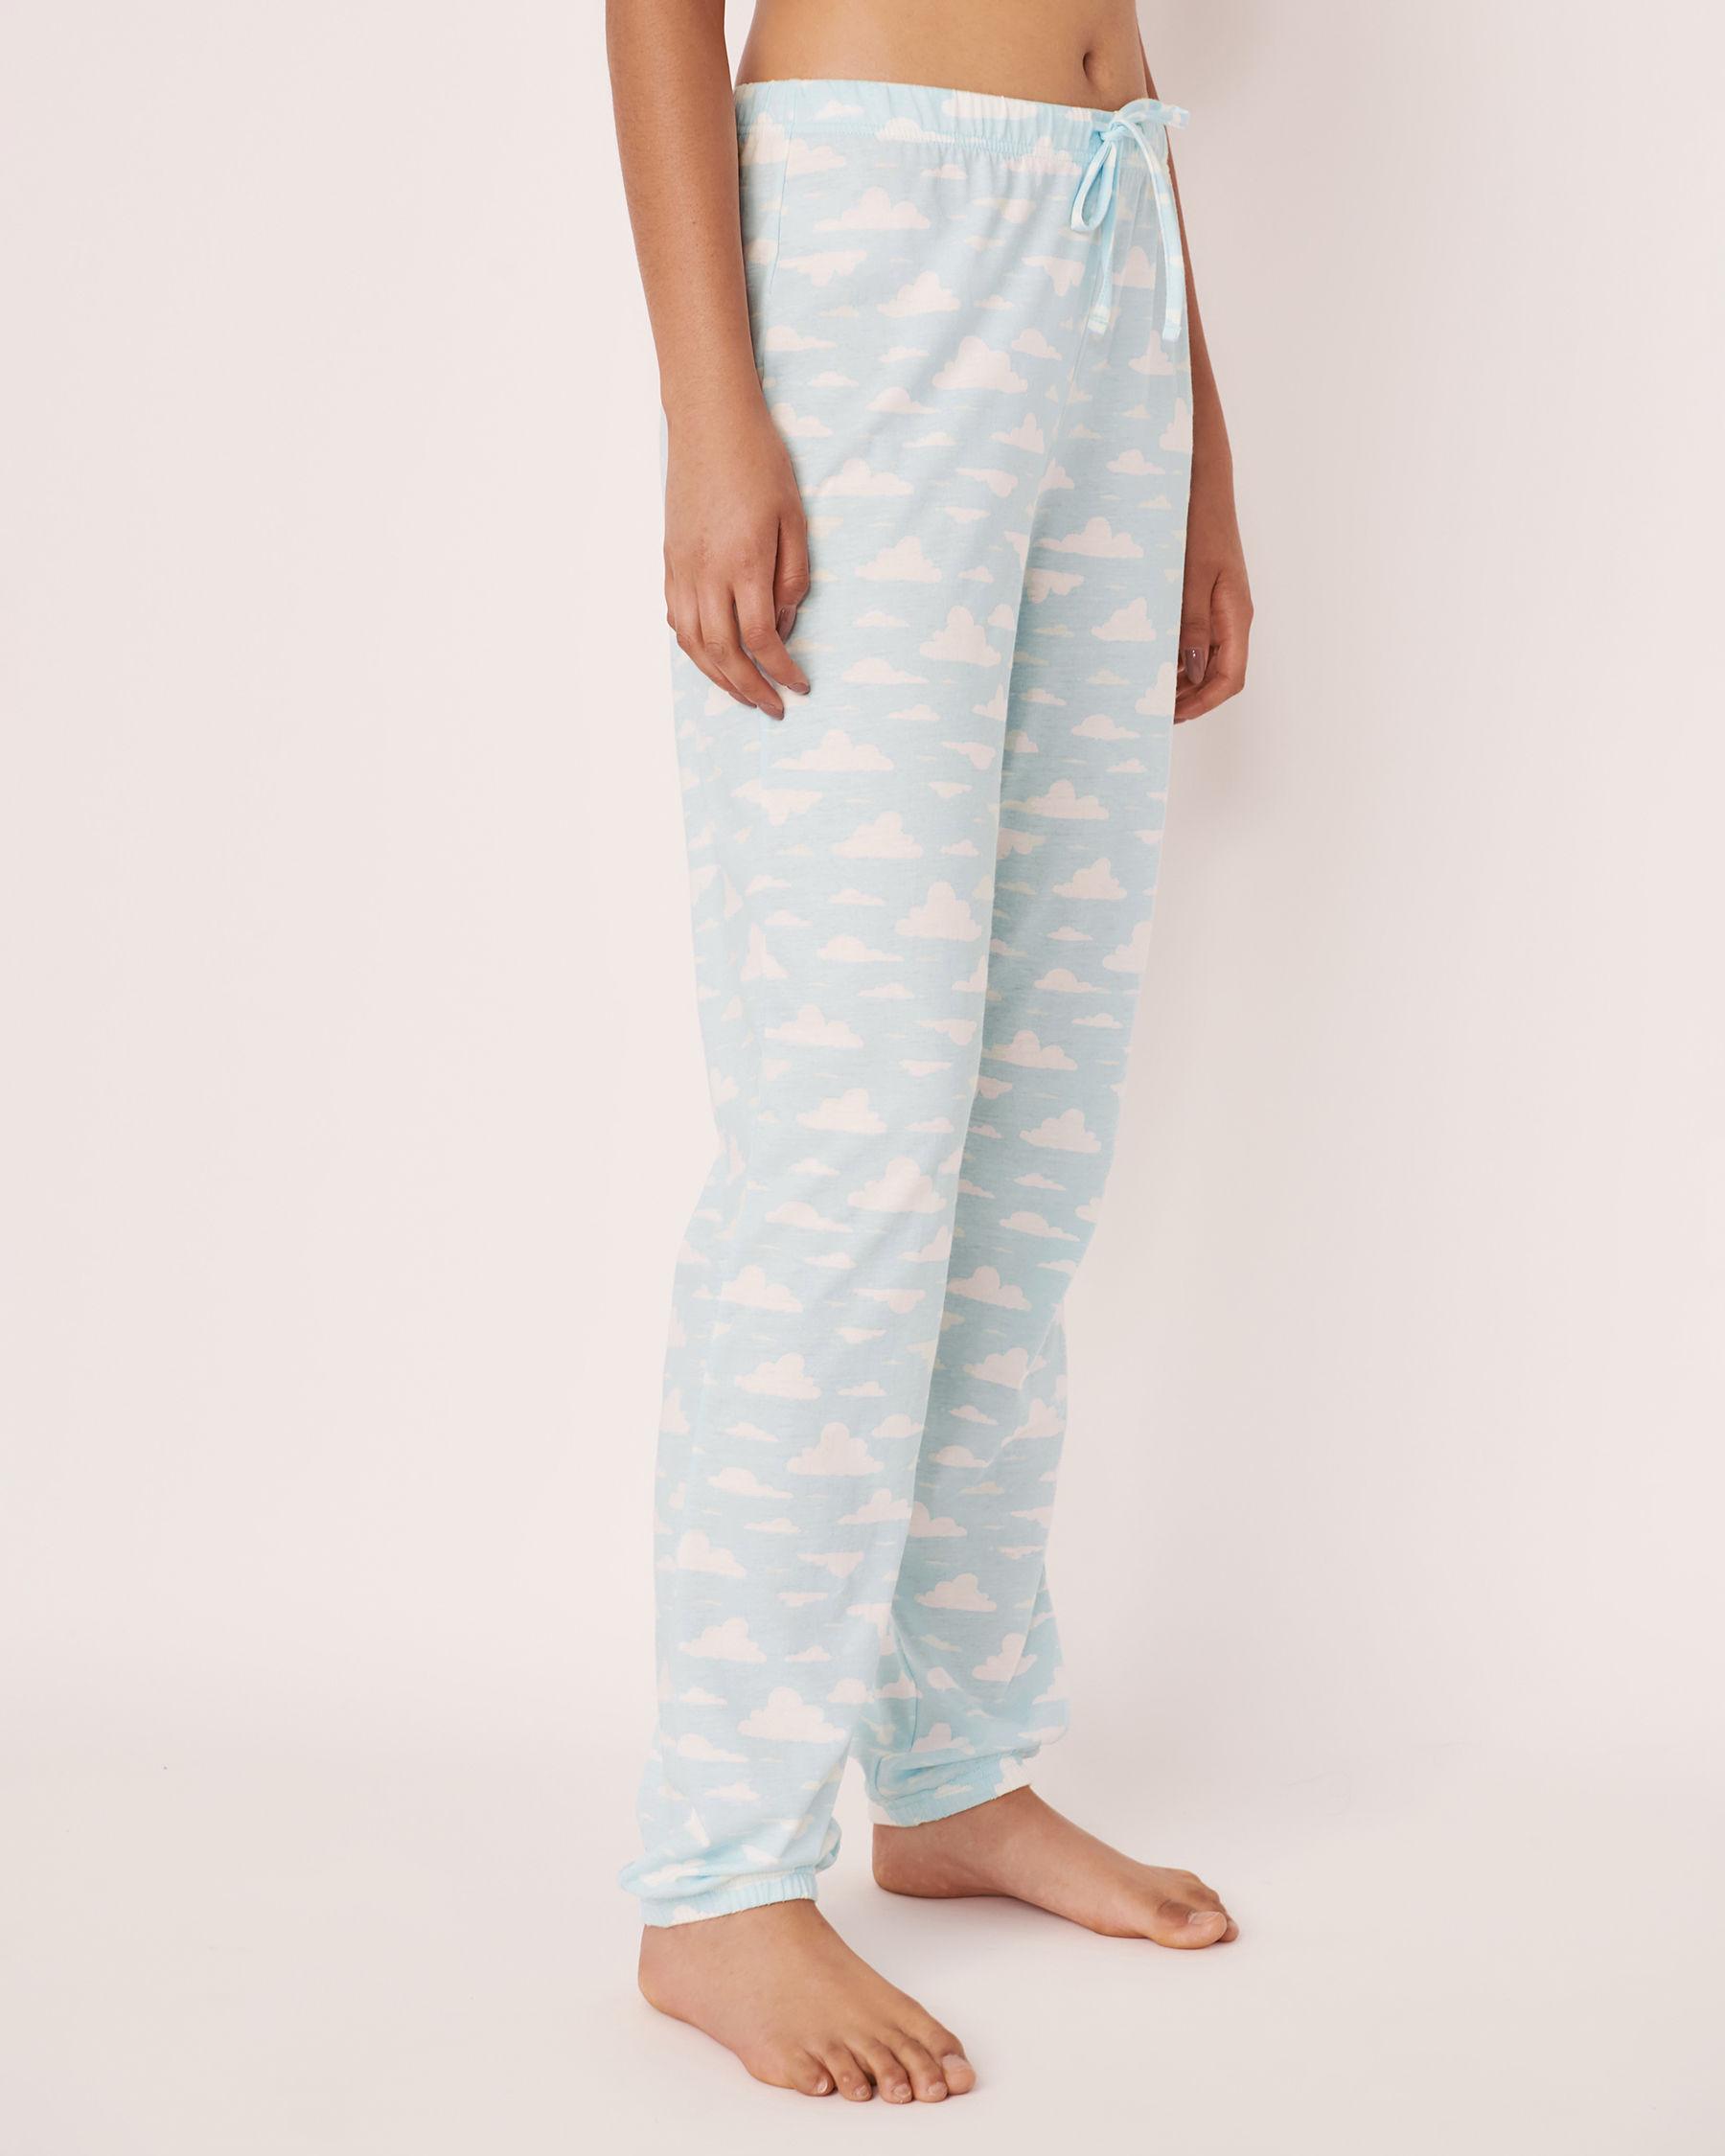 LA VIE EN ROSE Fitted Pyjama Pant Clouds 40200159 - View1